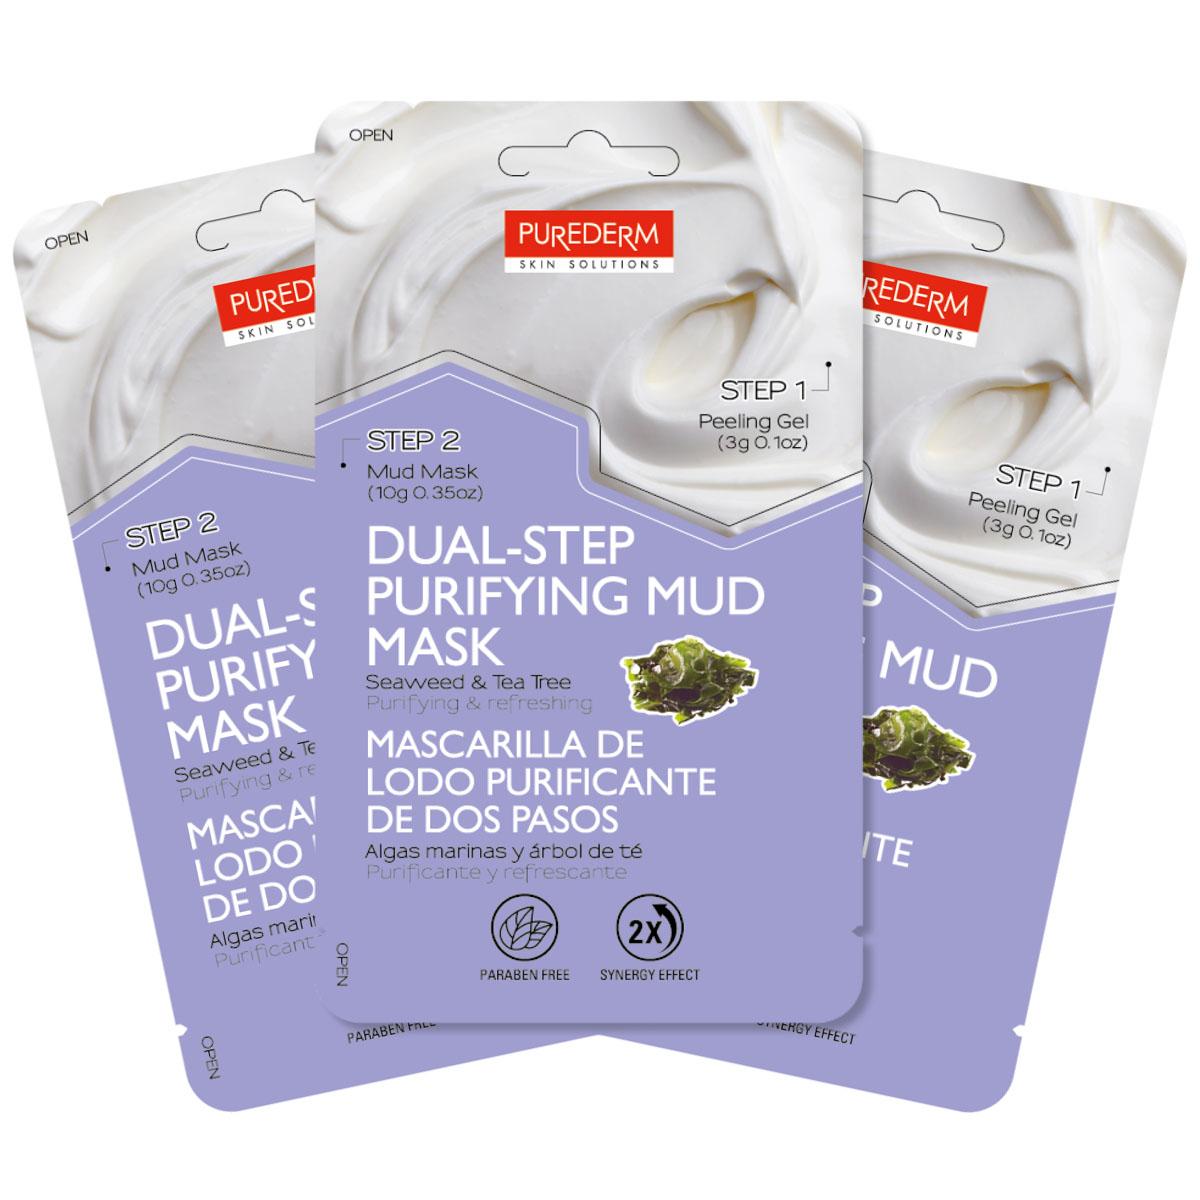 Purederm Набор Двойной уход: Отшелушивающий гель, 3 г + Очищающая грязевая маска с экстрактом водорослей и чайного дерева, 10 г3N182525Сочетает в себе преимущества глубокого очищения пор и выравнивания поверхности кожи для достижения максимального результата.Отшелушивающий гель (Шаг 1) содержит экстракты апельсина, лимона и яблока, отлично очищает поры, нежно отшелушивает и разглаживает поверхность кожи, что повышает эффективность очищающей маски (Шаг 2). Очищающая грязевая маска (Шаг 2) с морскими водорослями и экстрактами чайного дерева помогает сузить поры и контролирует работу сальных желез, оставляя кожу чистой, свежей и сияющей.Не содержит парабенов, минеральных масел, талька, Бензофенона и SLS, которые вызывают раздражение кожи.